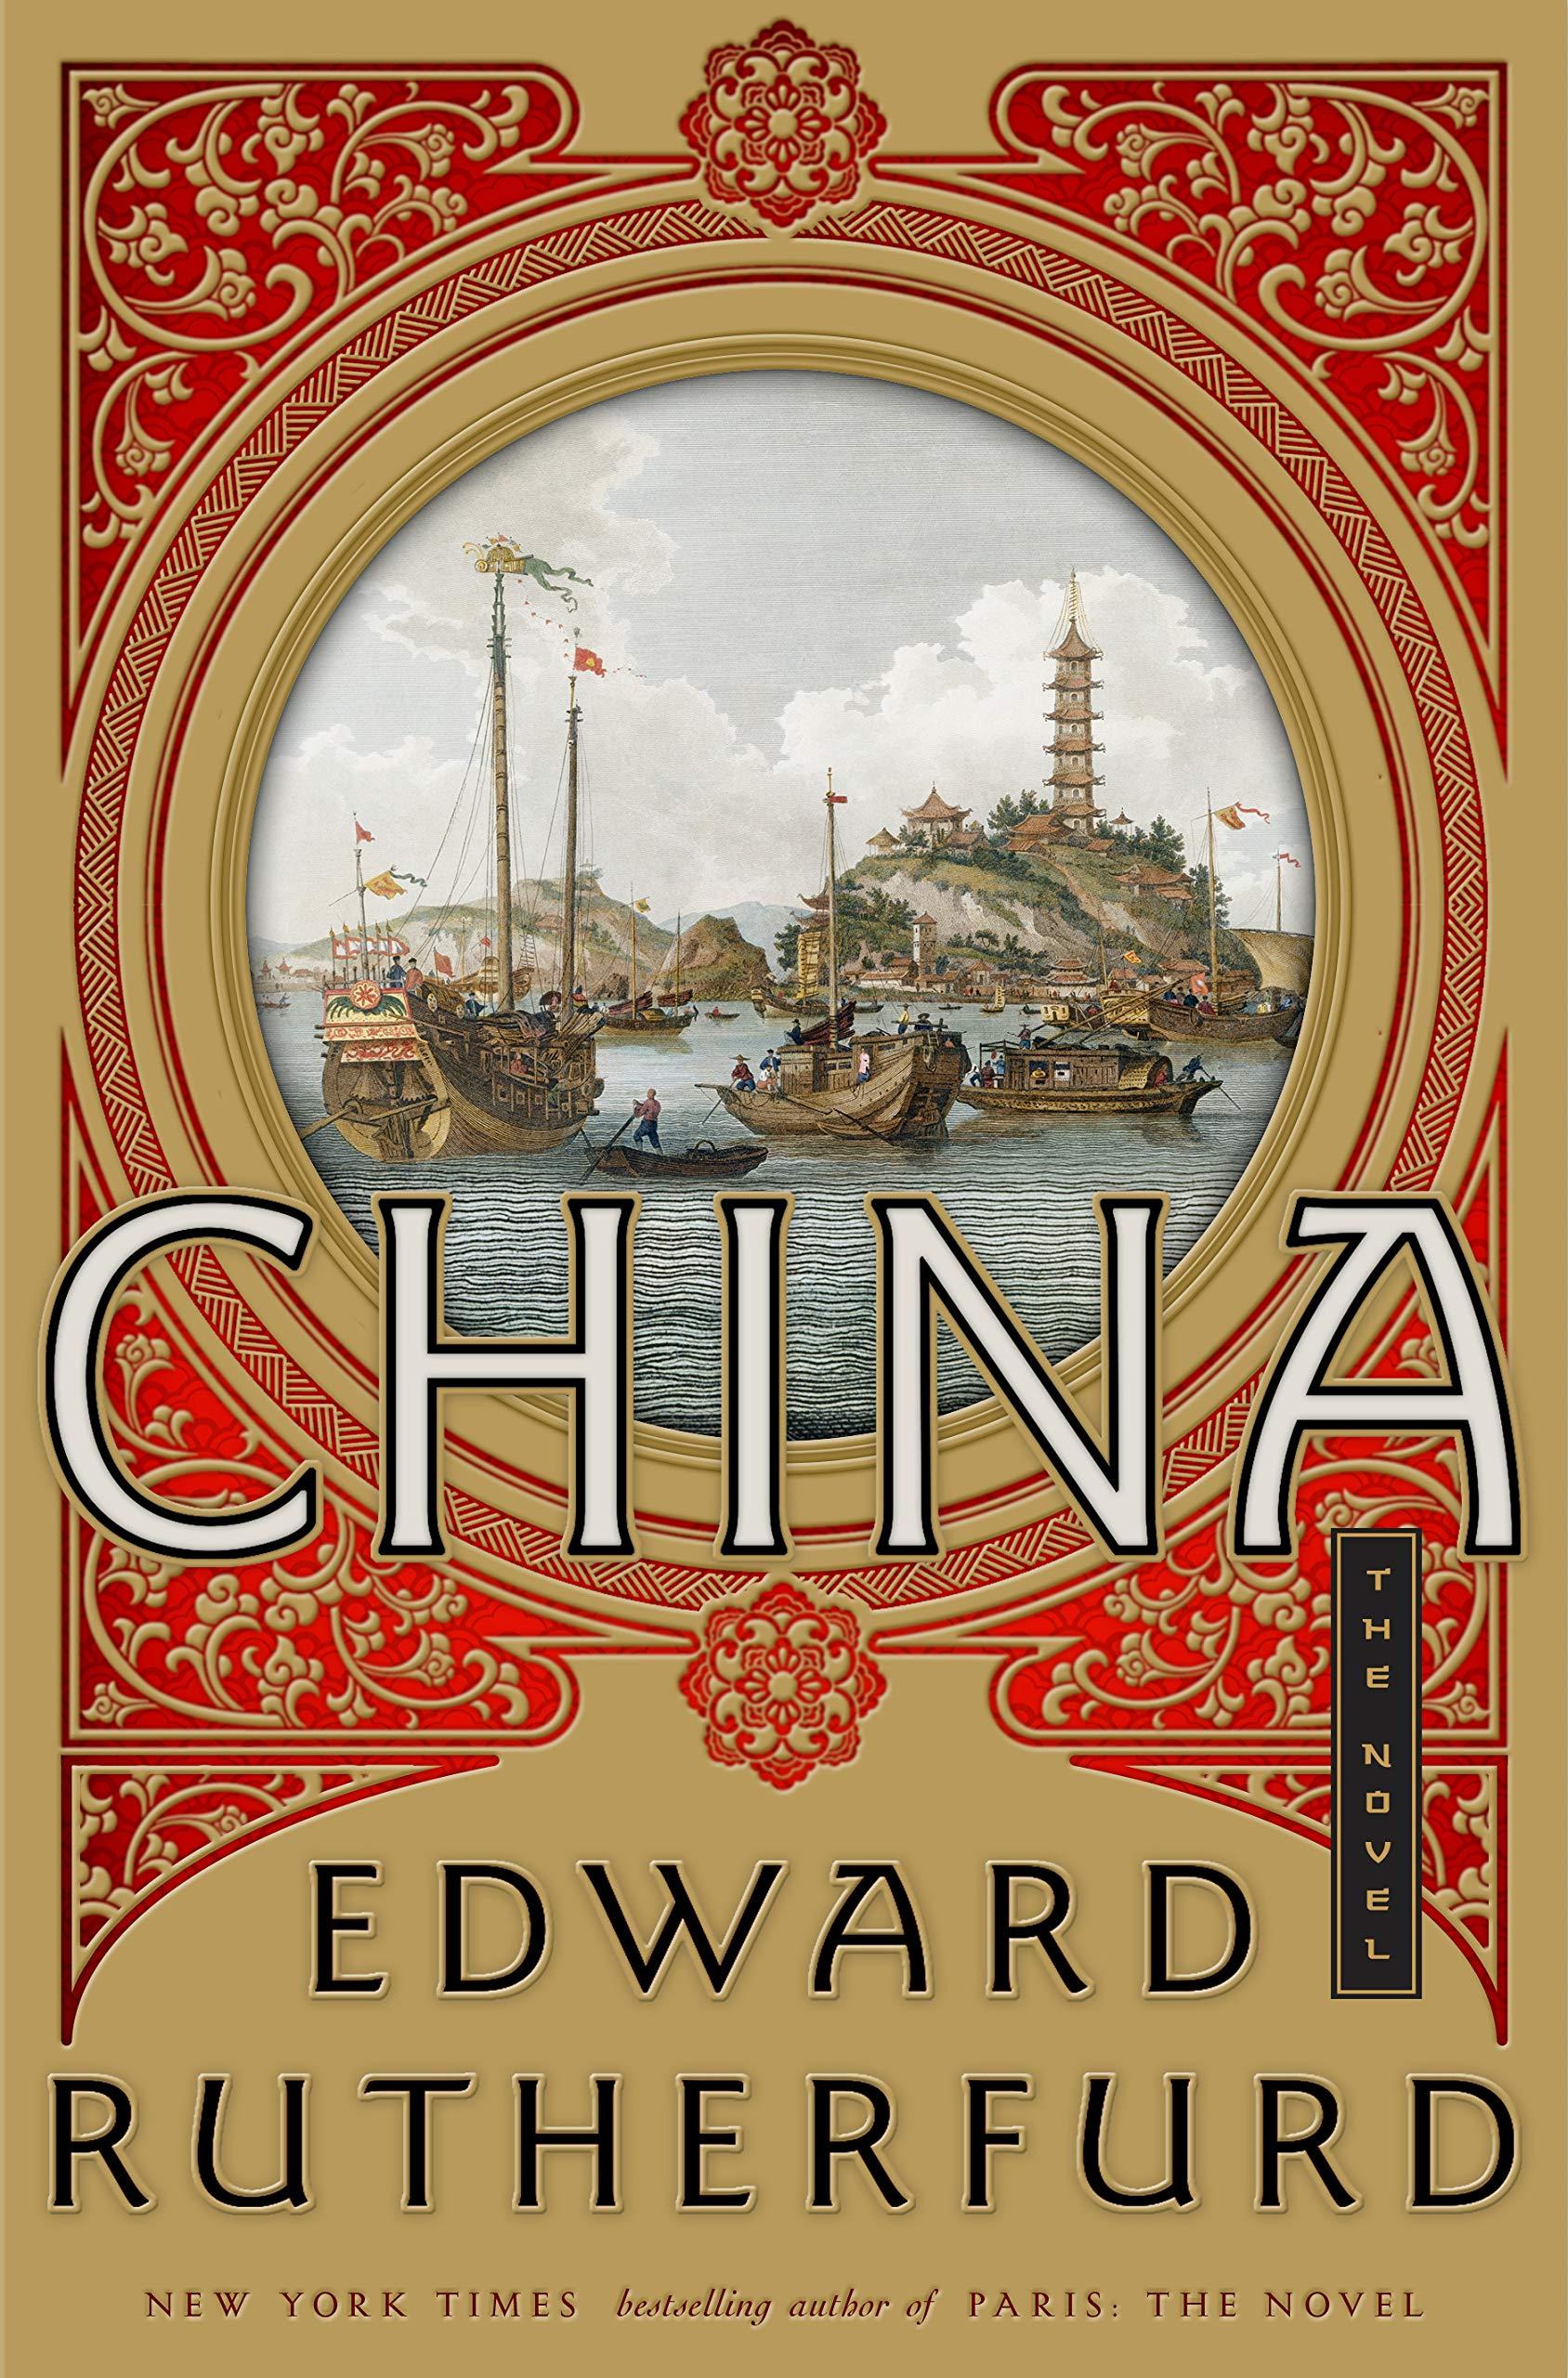 Amazon.com: China: The Novel (9780385538930): Rutherfurd, Edward: Books